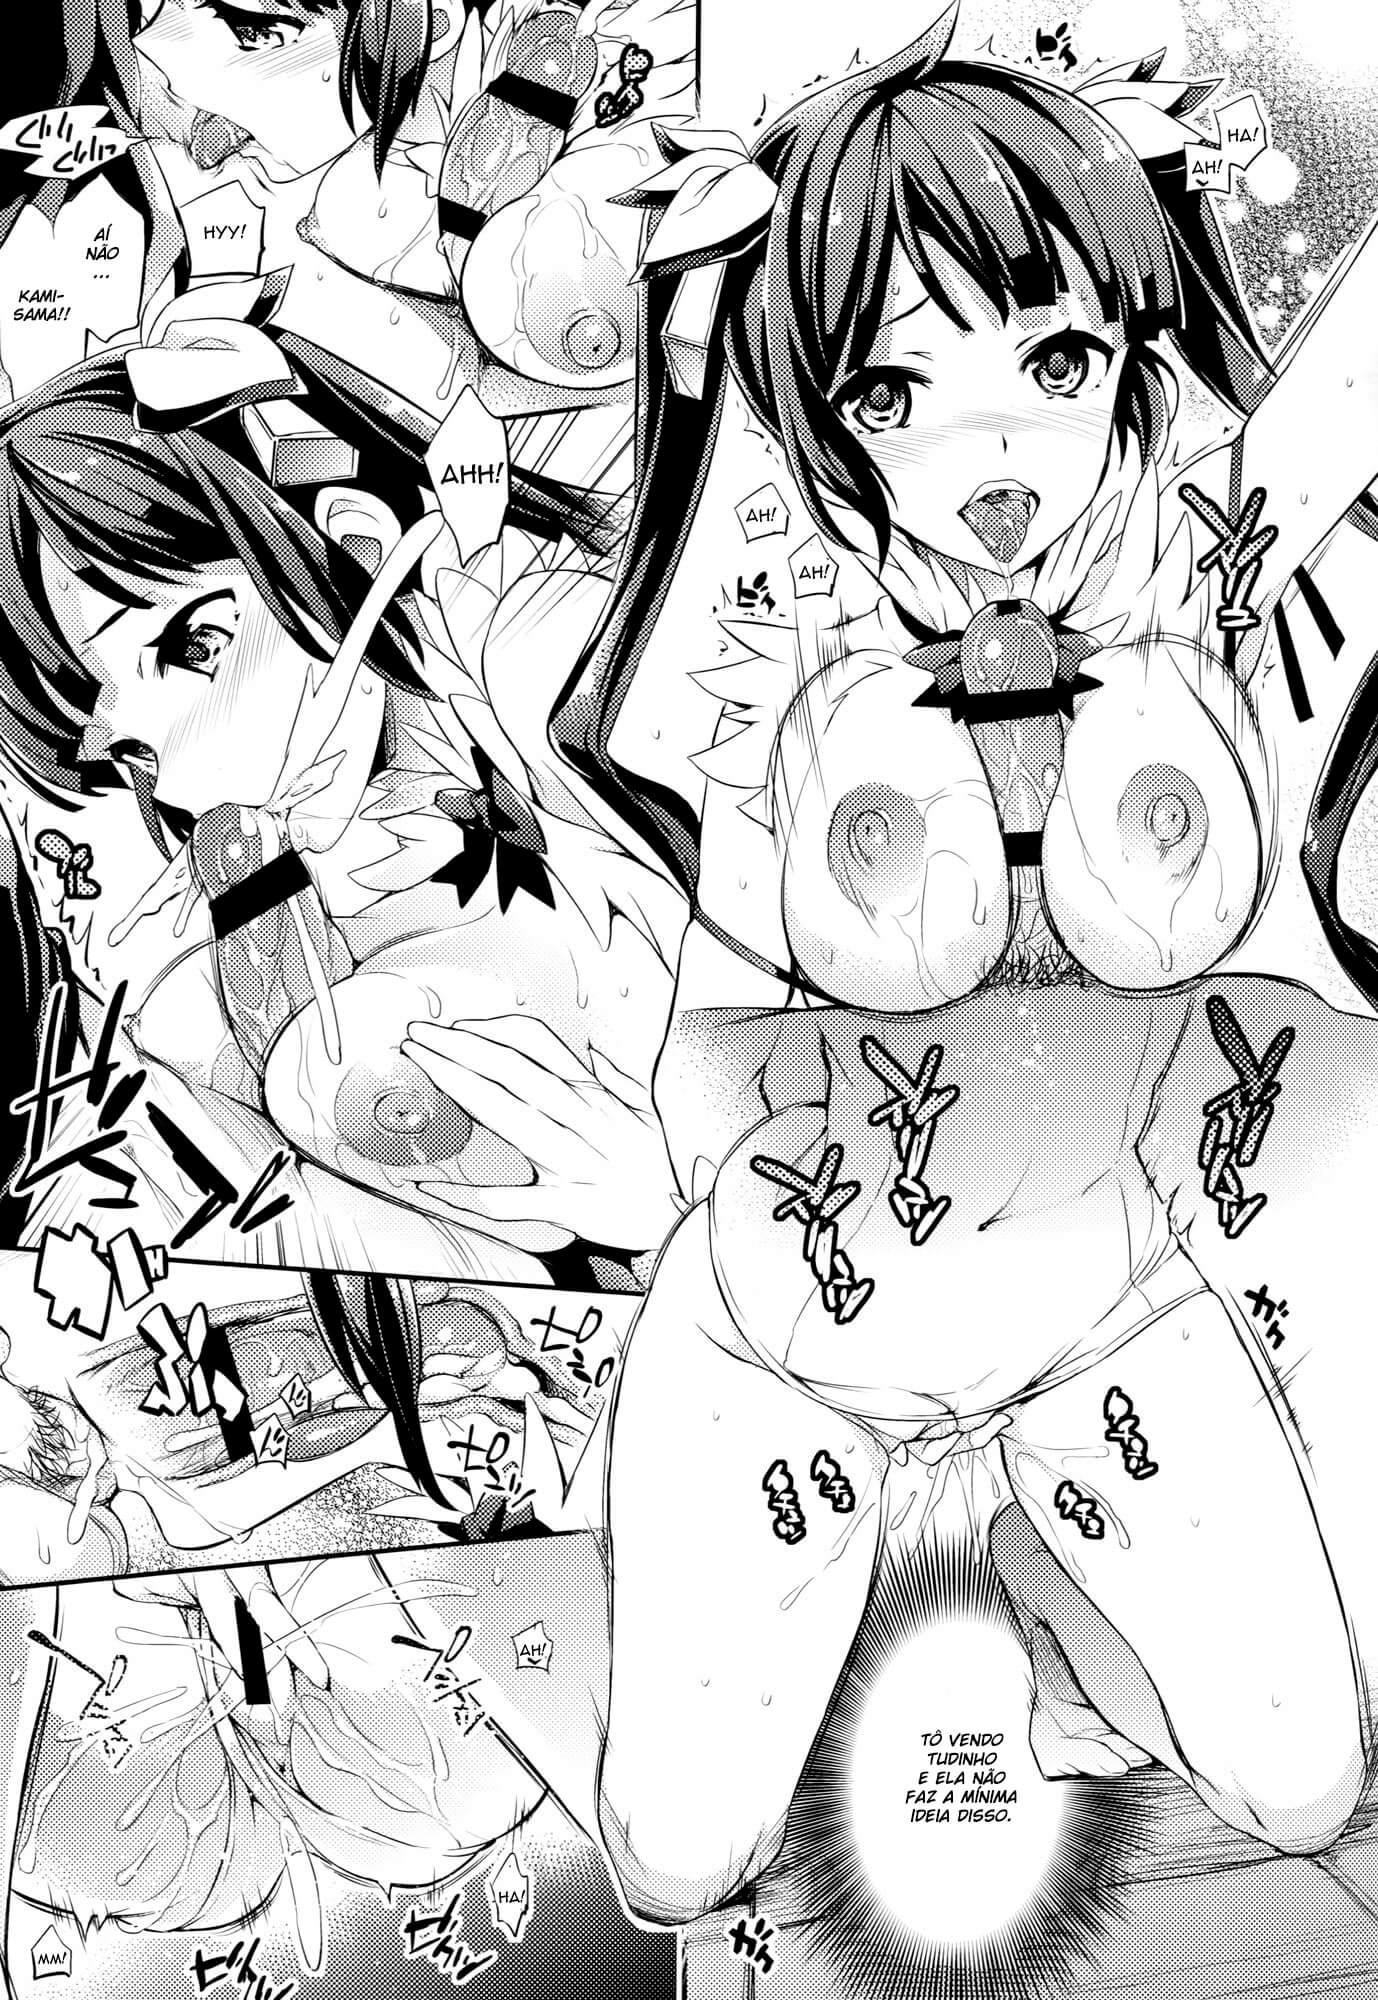 Dungeon ni Deai o Motomeru no wa Machigatteiru Darou ka? Hentai